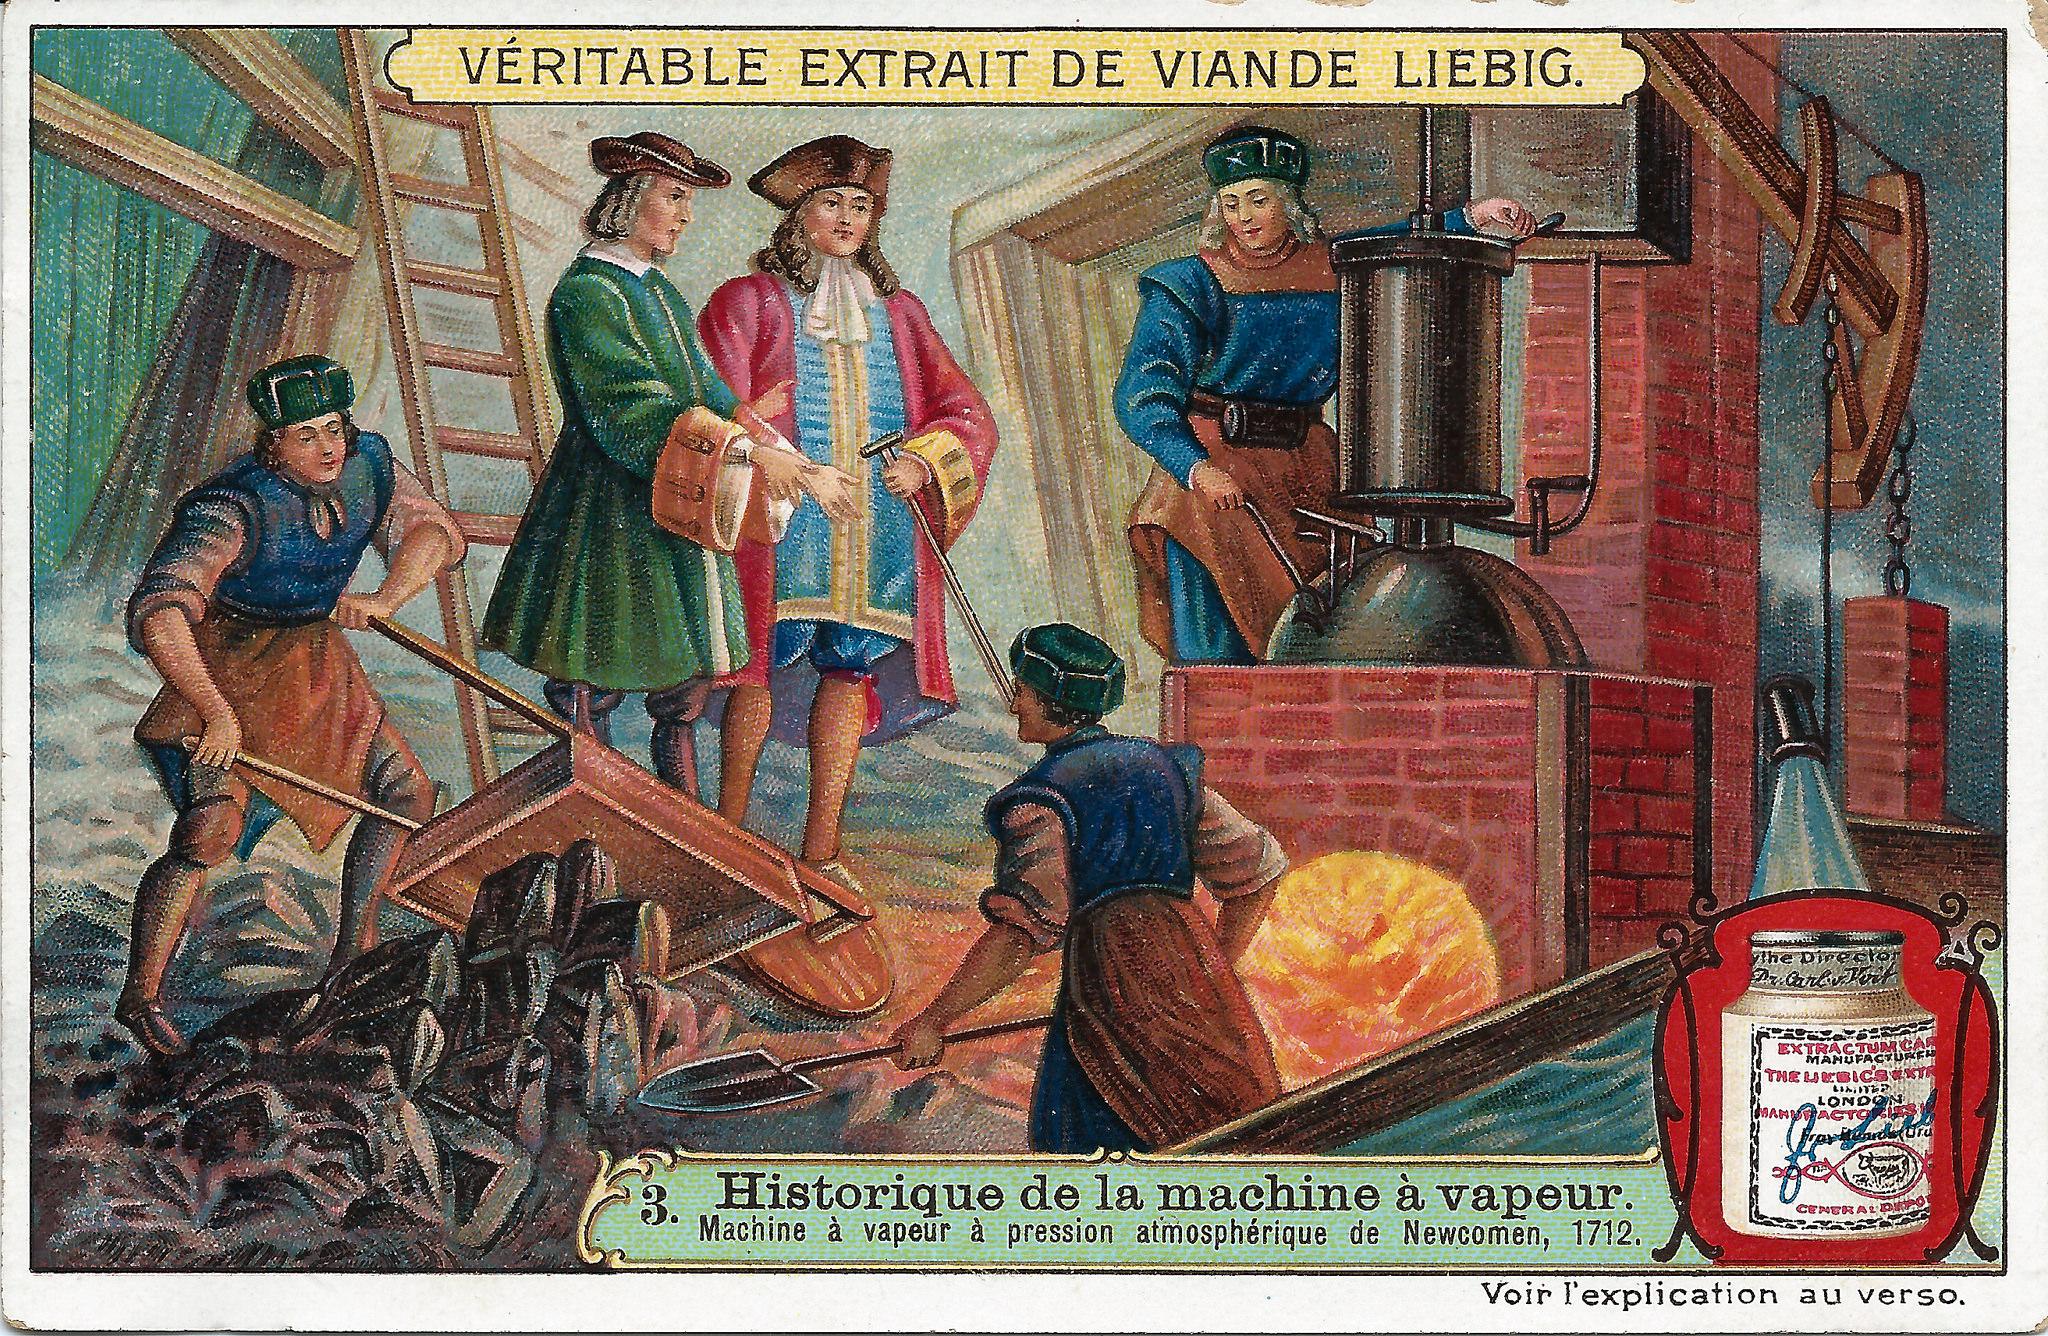 Historique de la machine à vapeur (3)